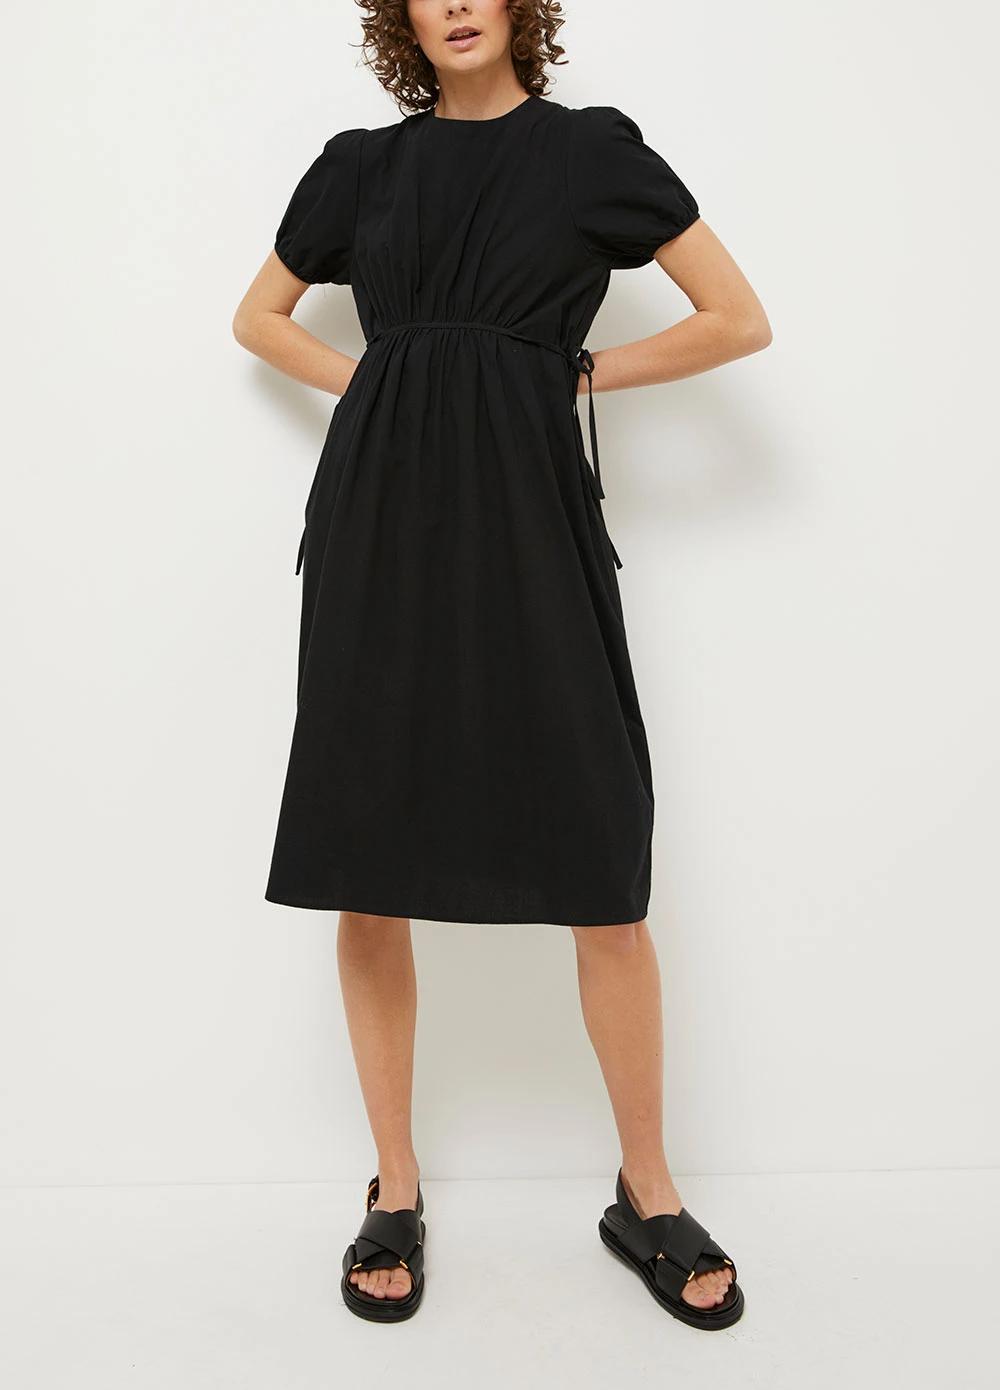 Elia Midi Dress Dresses Midi Dress Day Dresses [ 1390 x 1000 Pixel ]